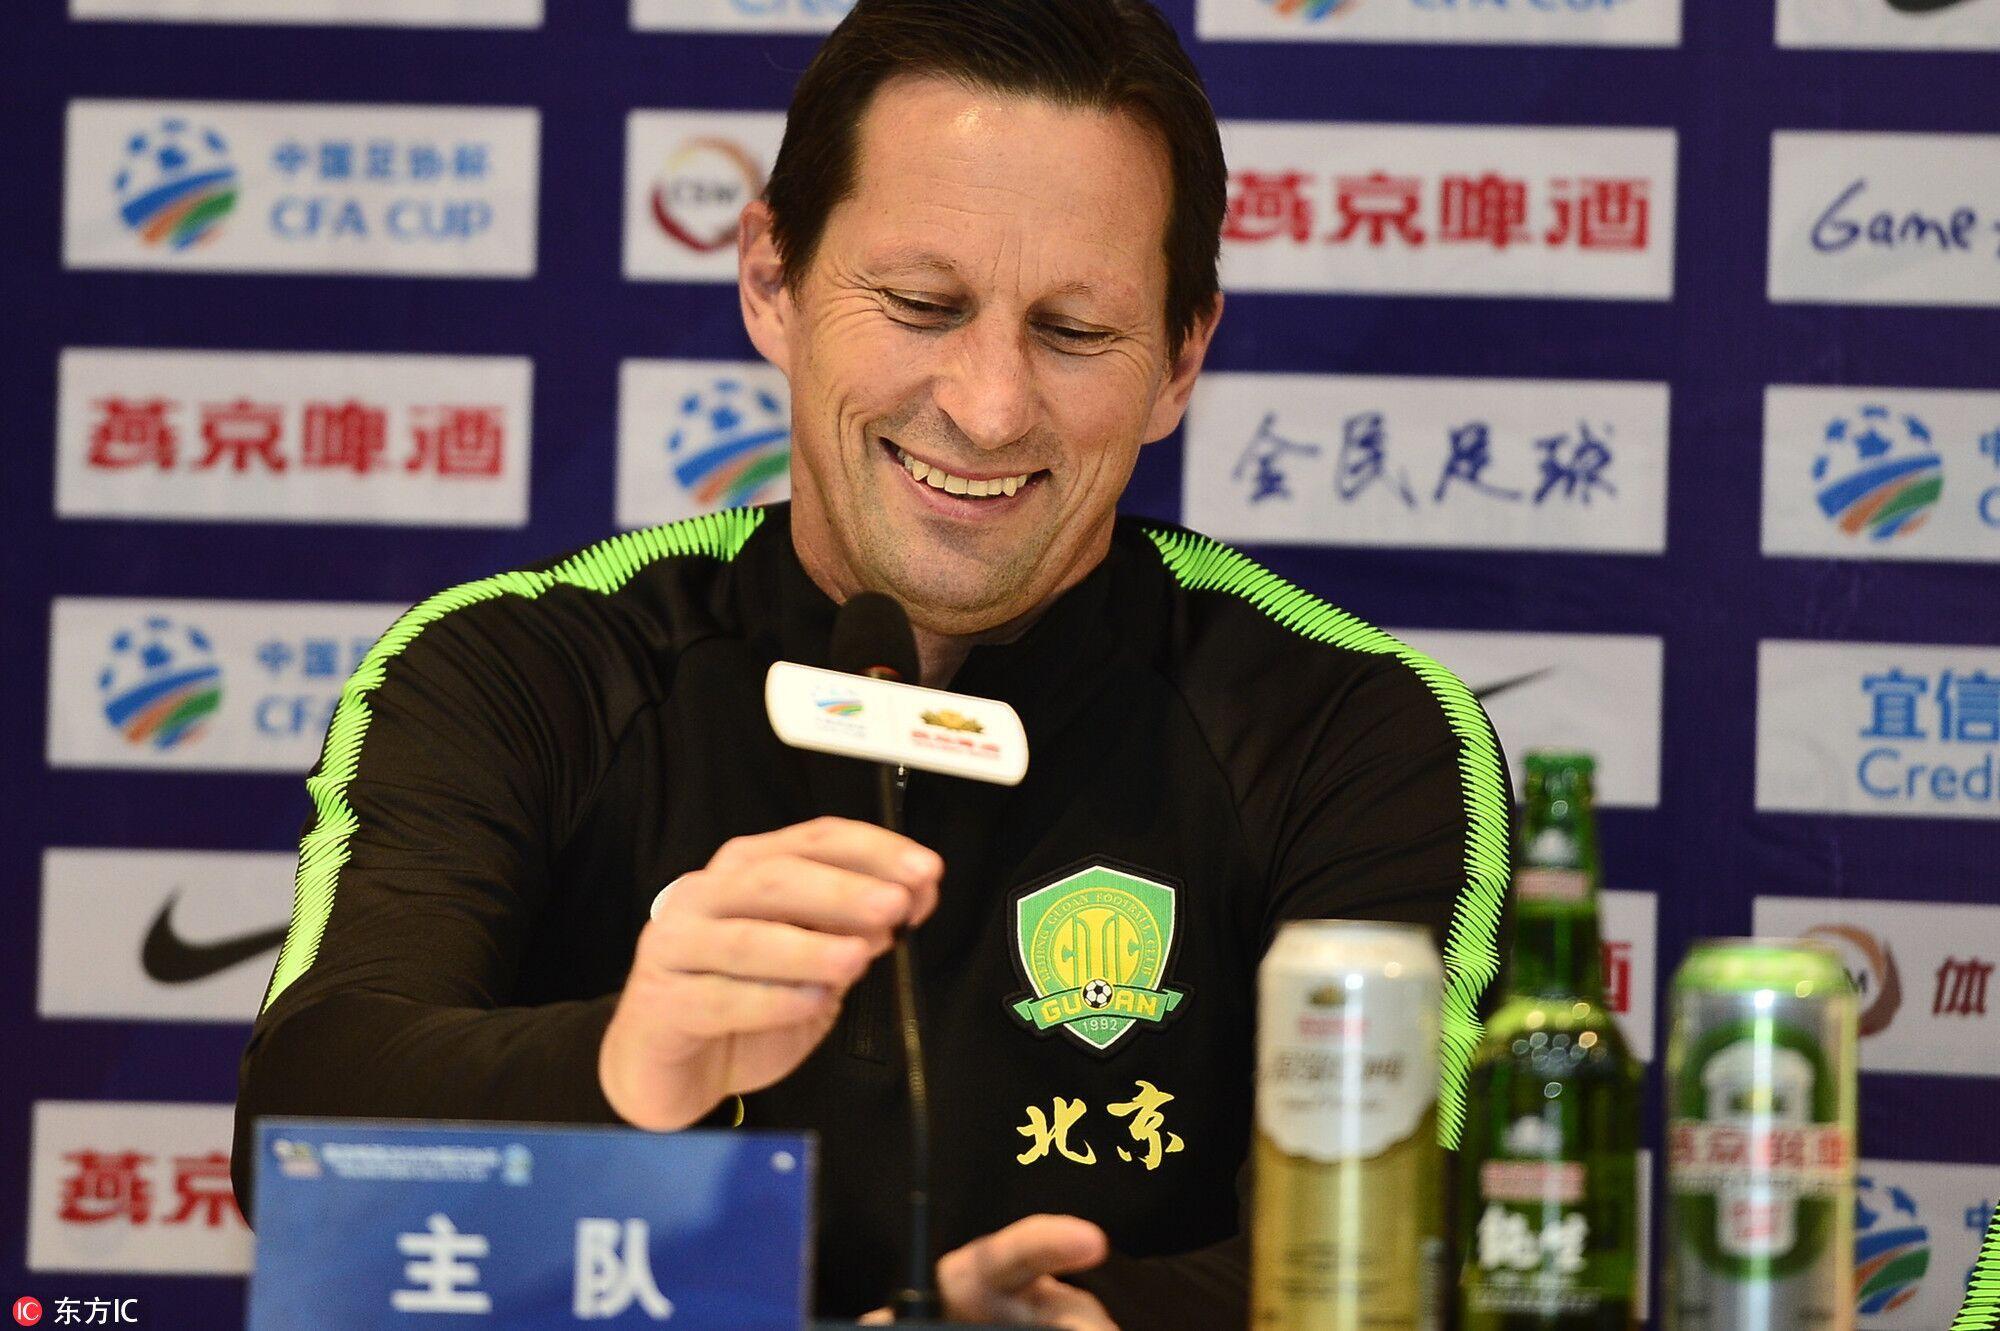 施密特:足协杯争取战胜泰达,策略会跟踢贵州不同